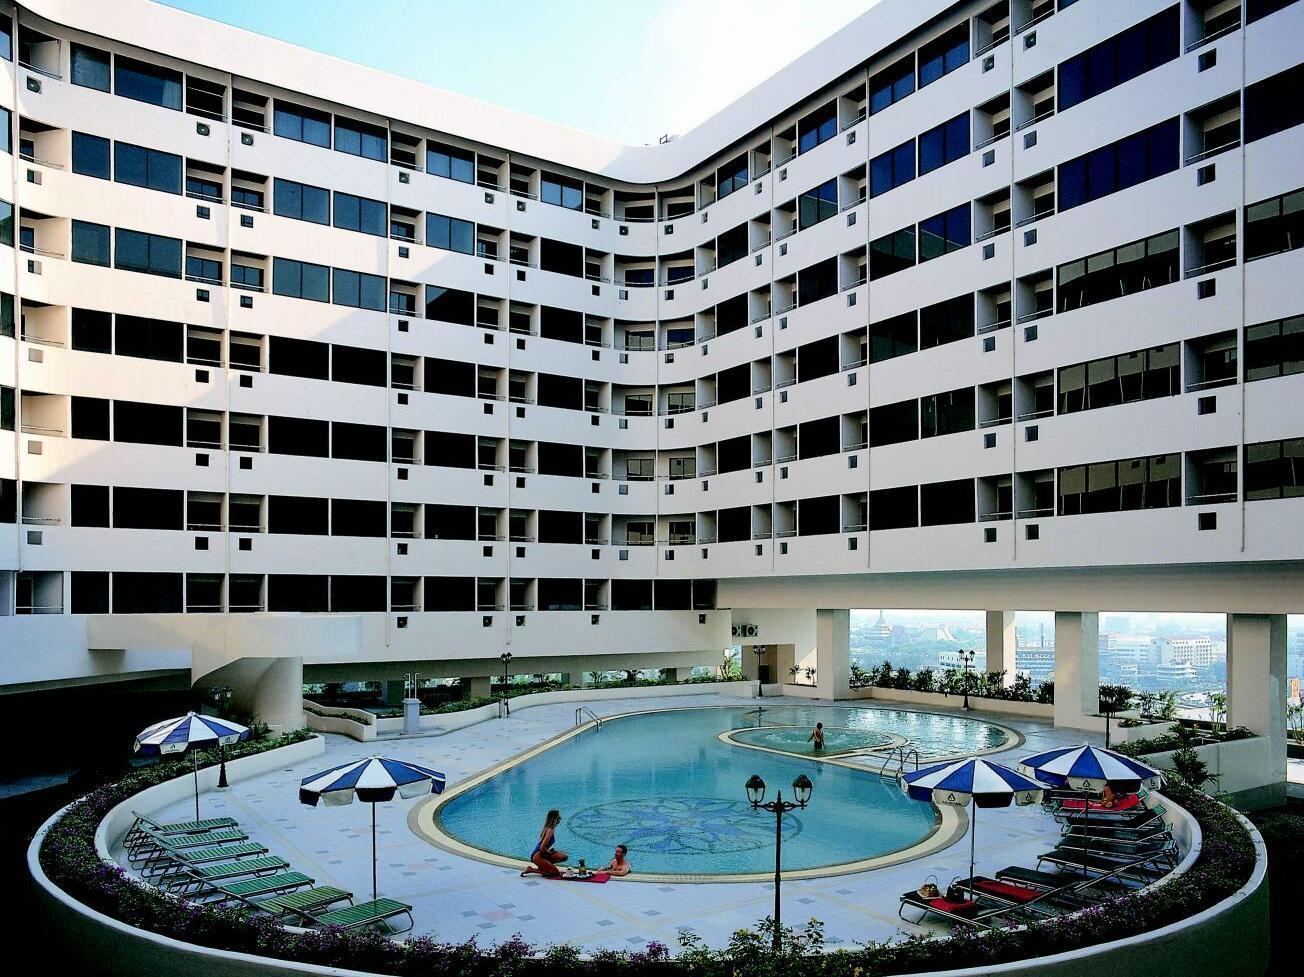 โรงแรมเอเชีย แอร์พอร์ท ดอนเมือง